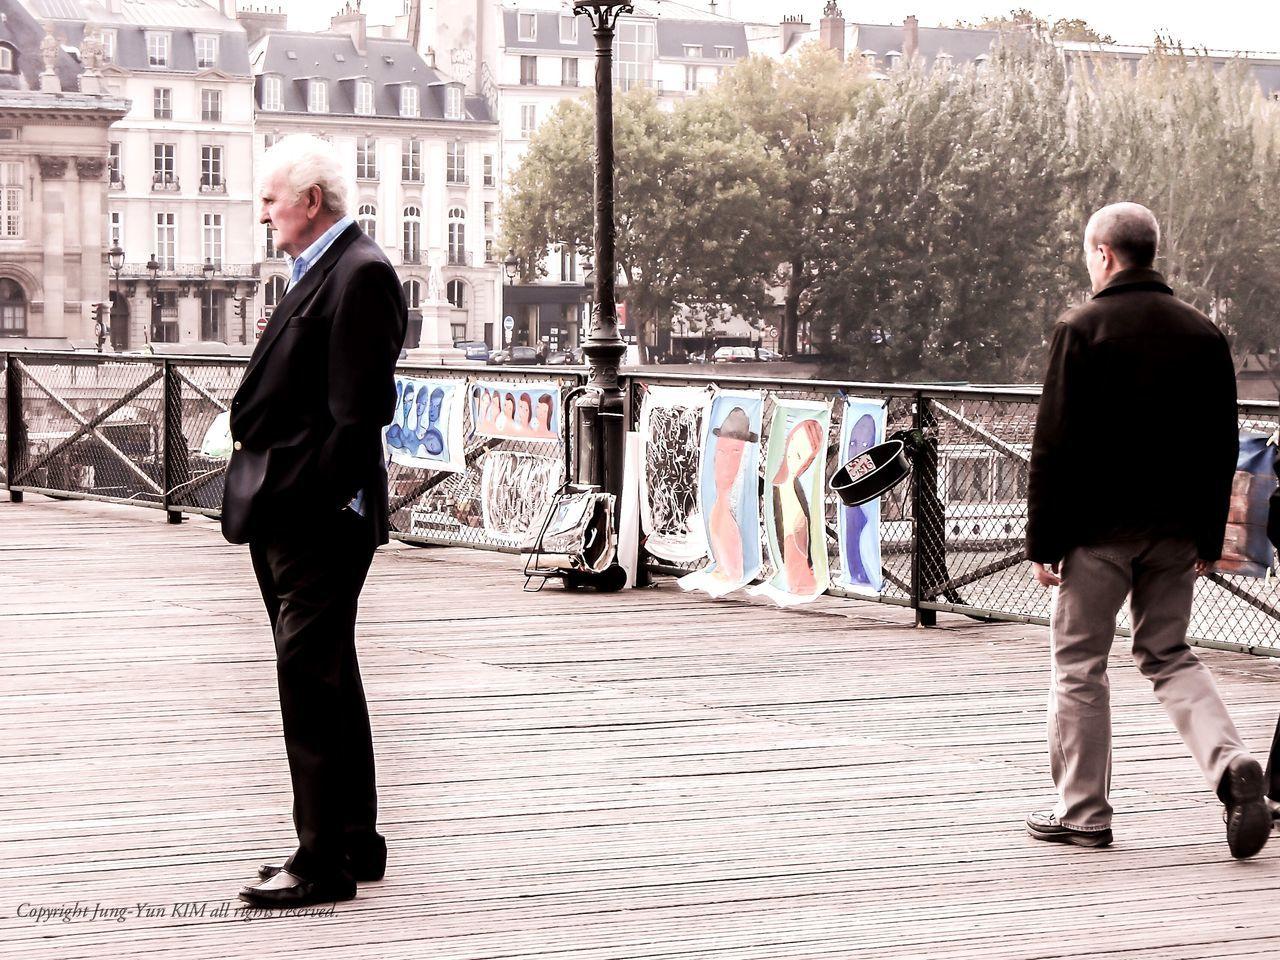 Paris,France Tourism Pont Des Arts Un Homme Seul People